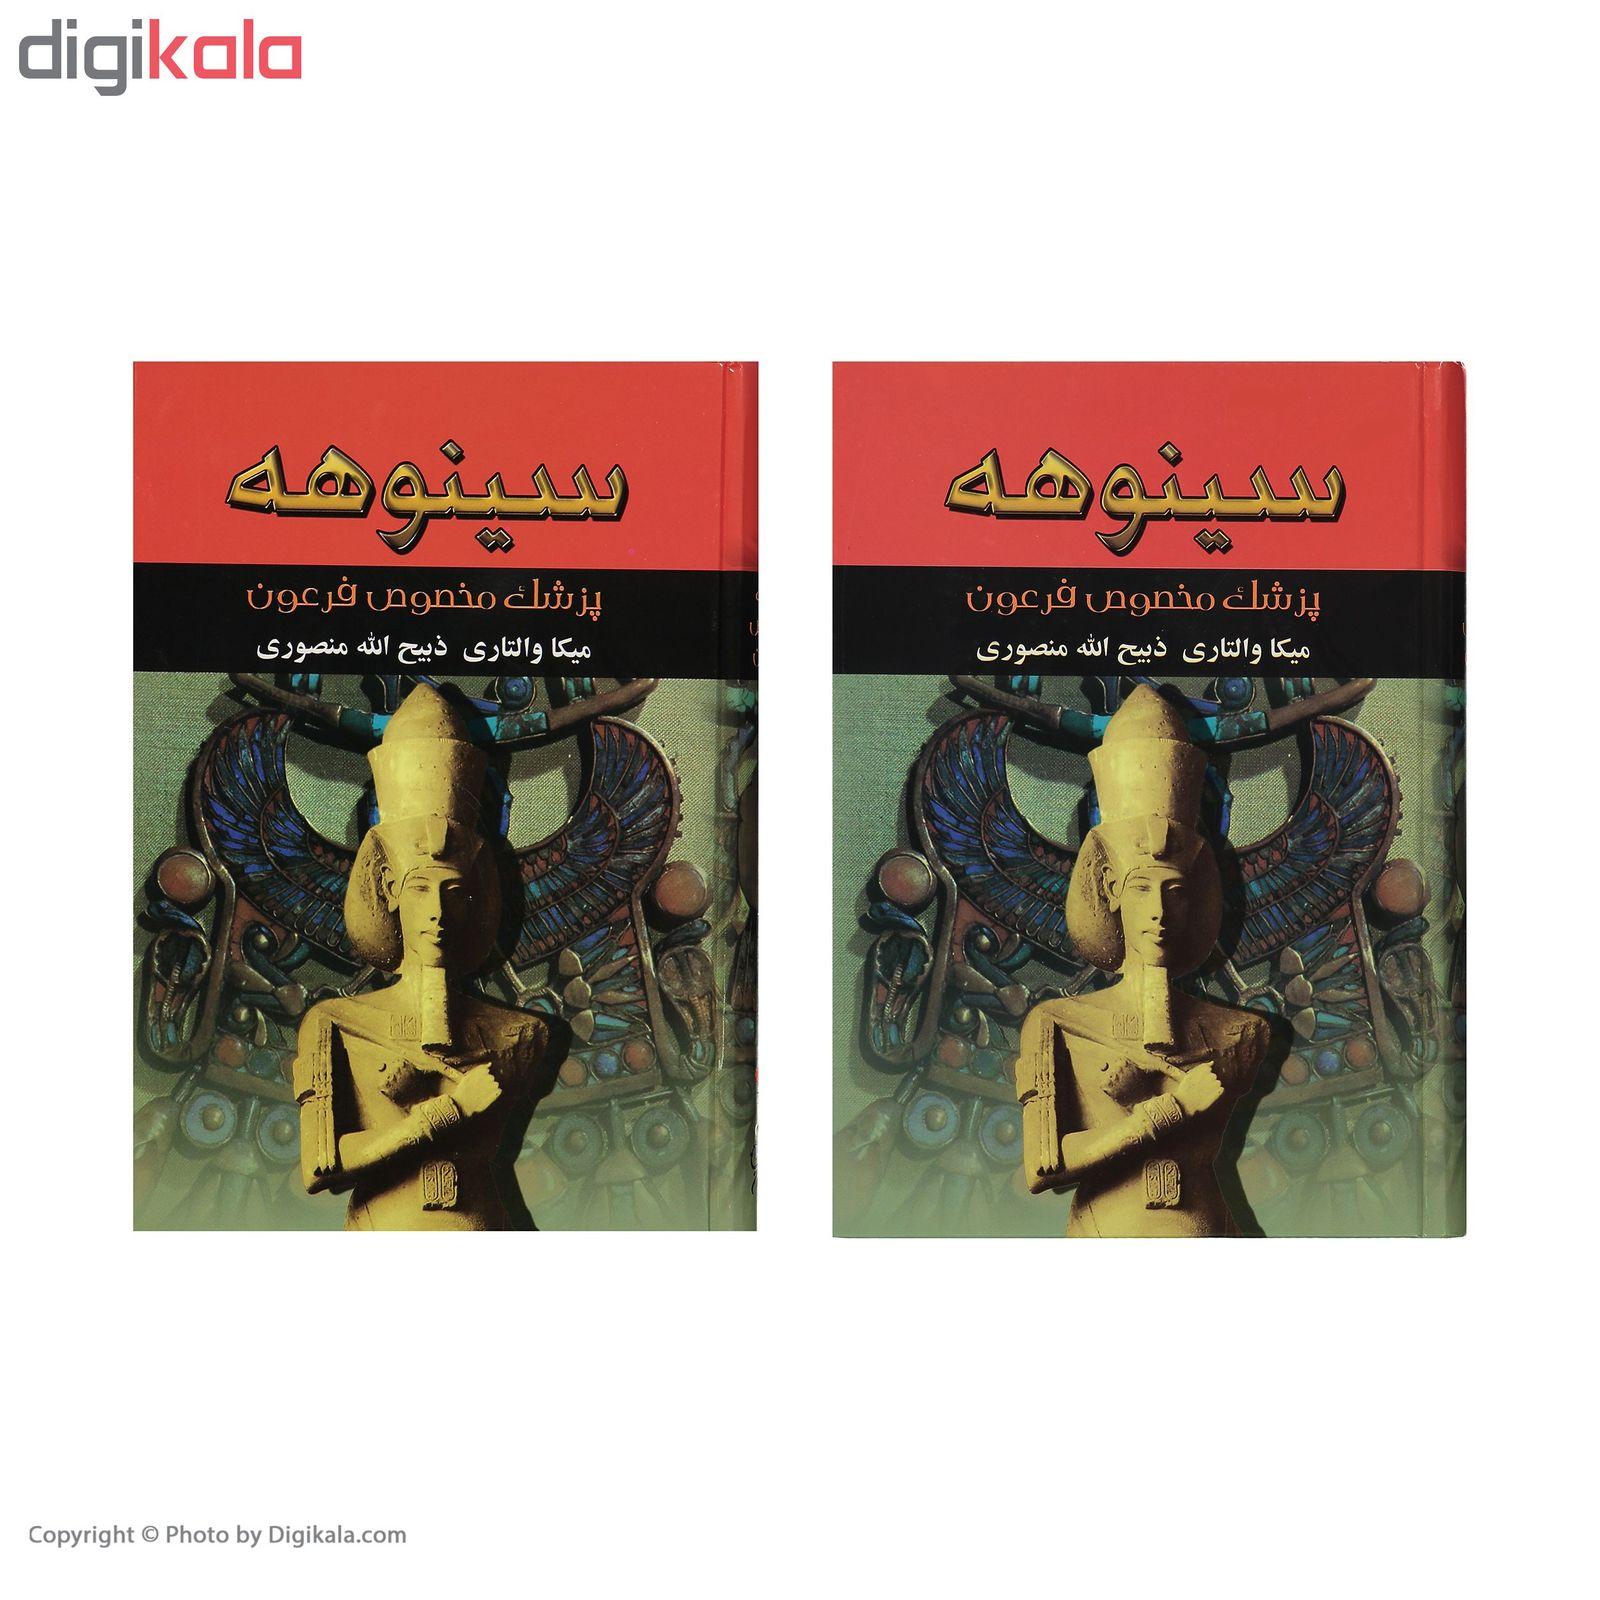 کتاب سینوهه اثر میکا والتاری - دو جلدی main 1 1